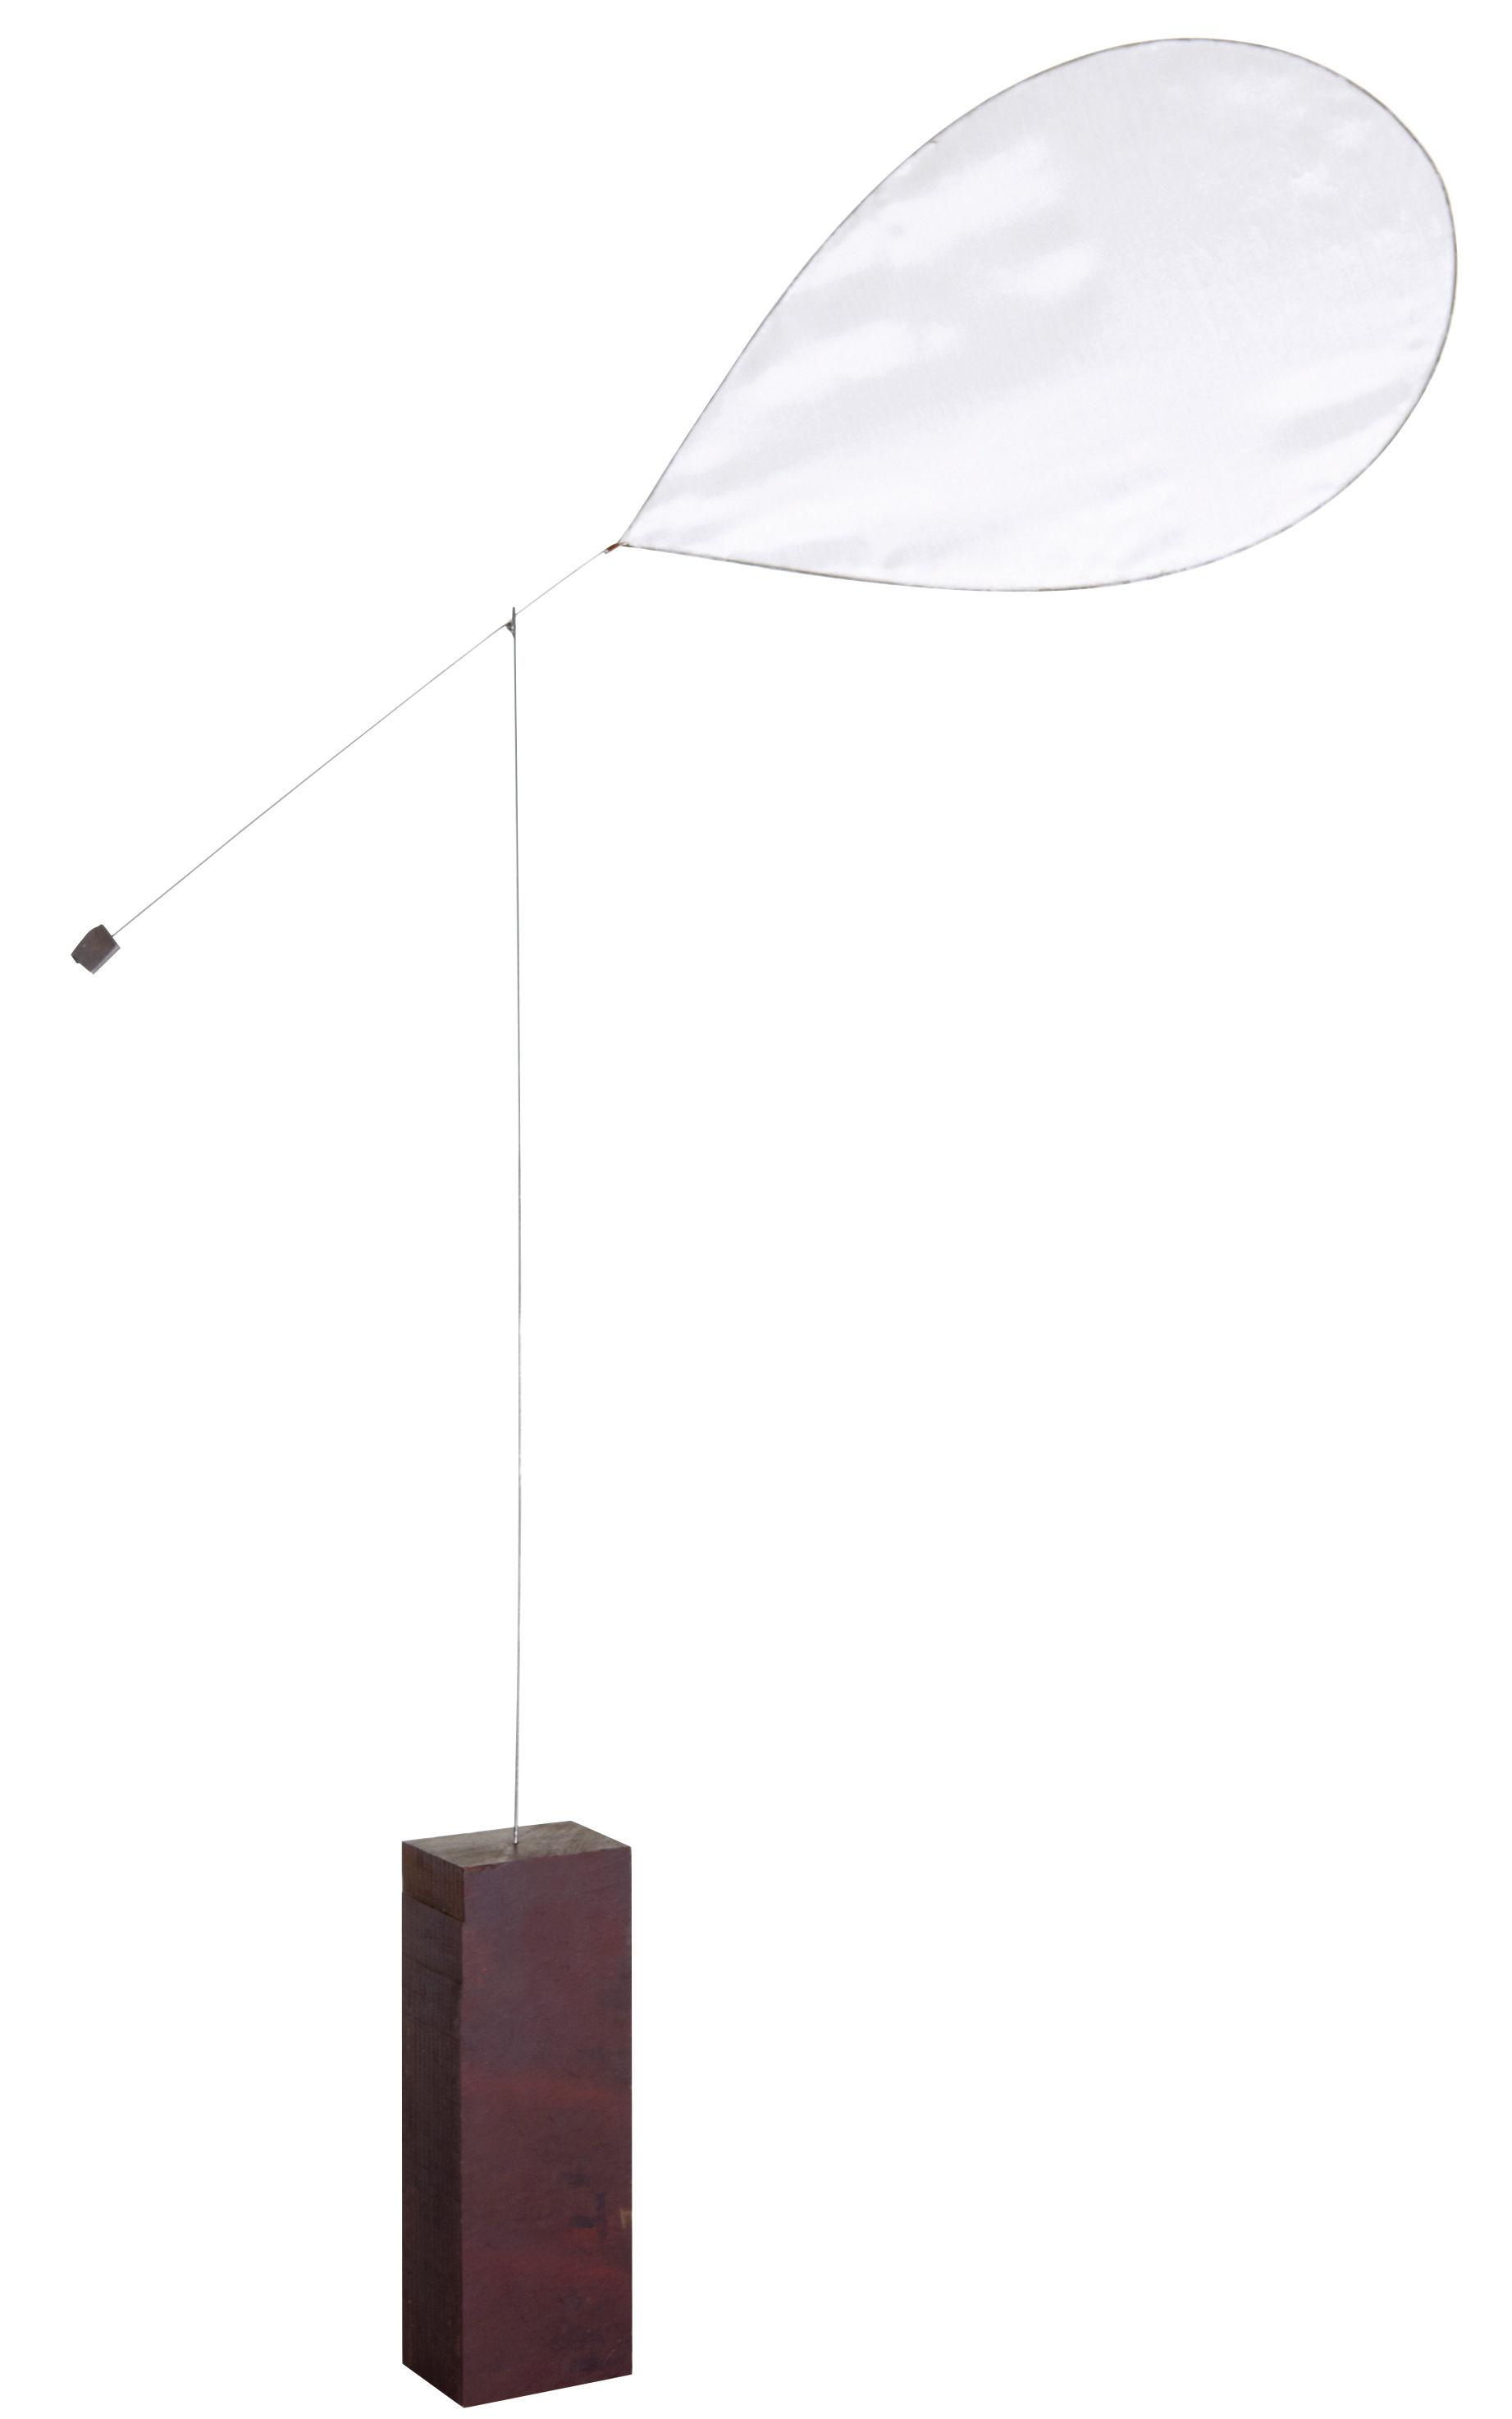 Interni - Oggetti déco - Mobile - monopala di L'atelier d'exercices - Telo bianco / base legno scuro - Corda da pianoforte, Seta